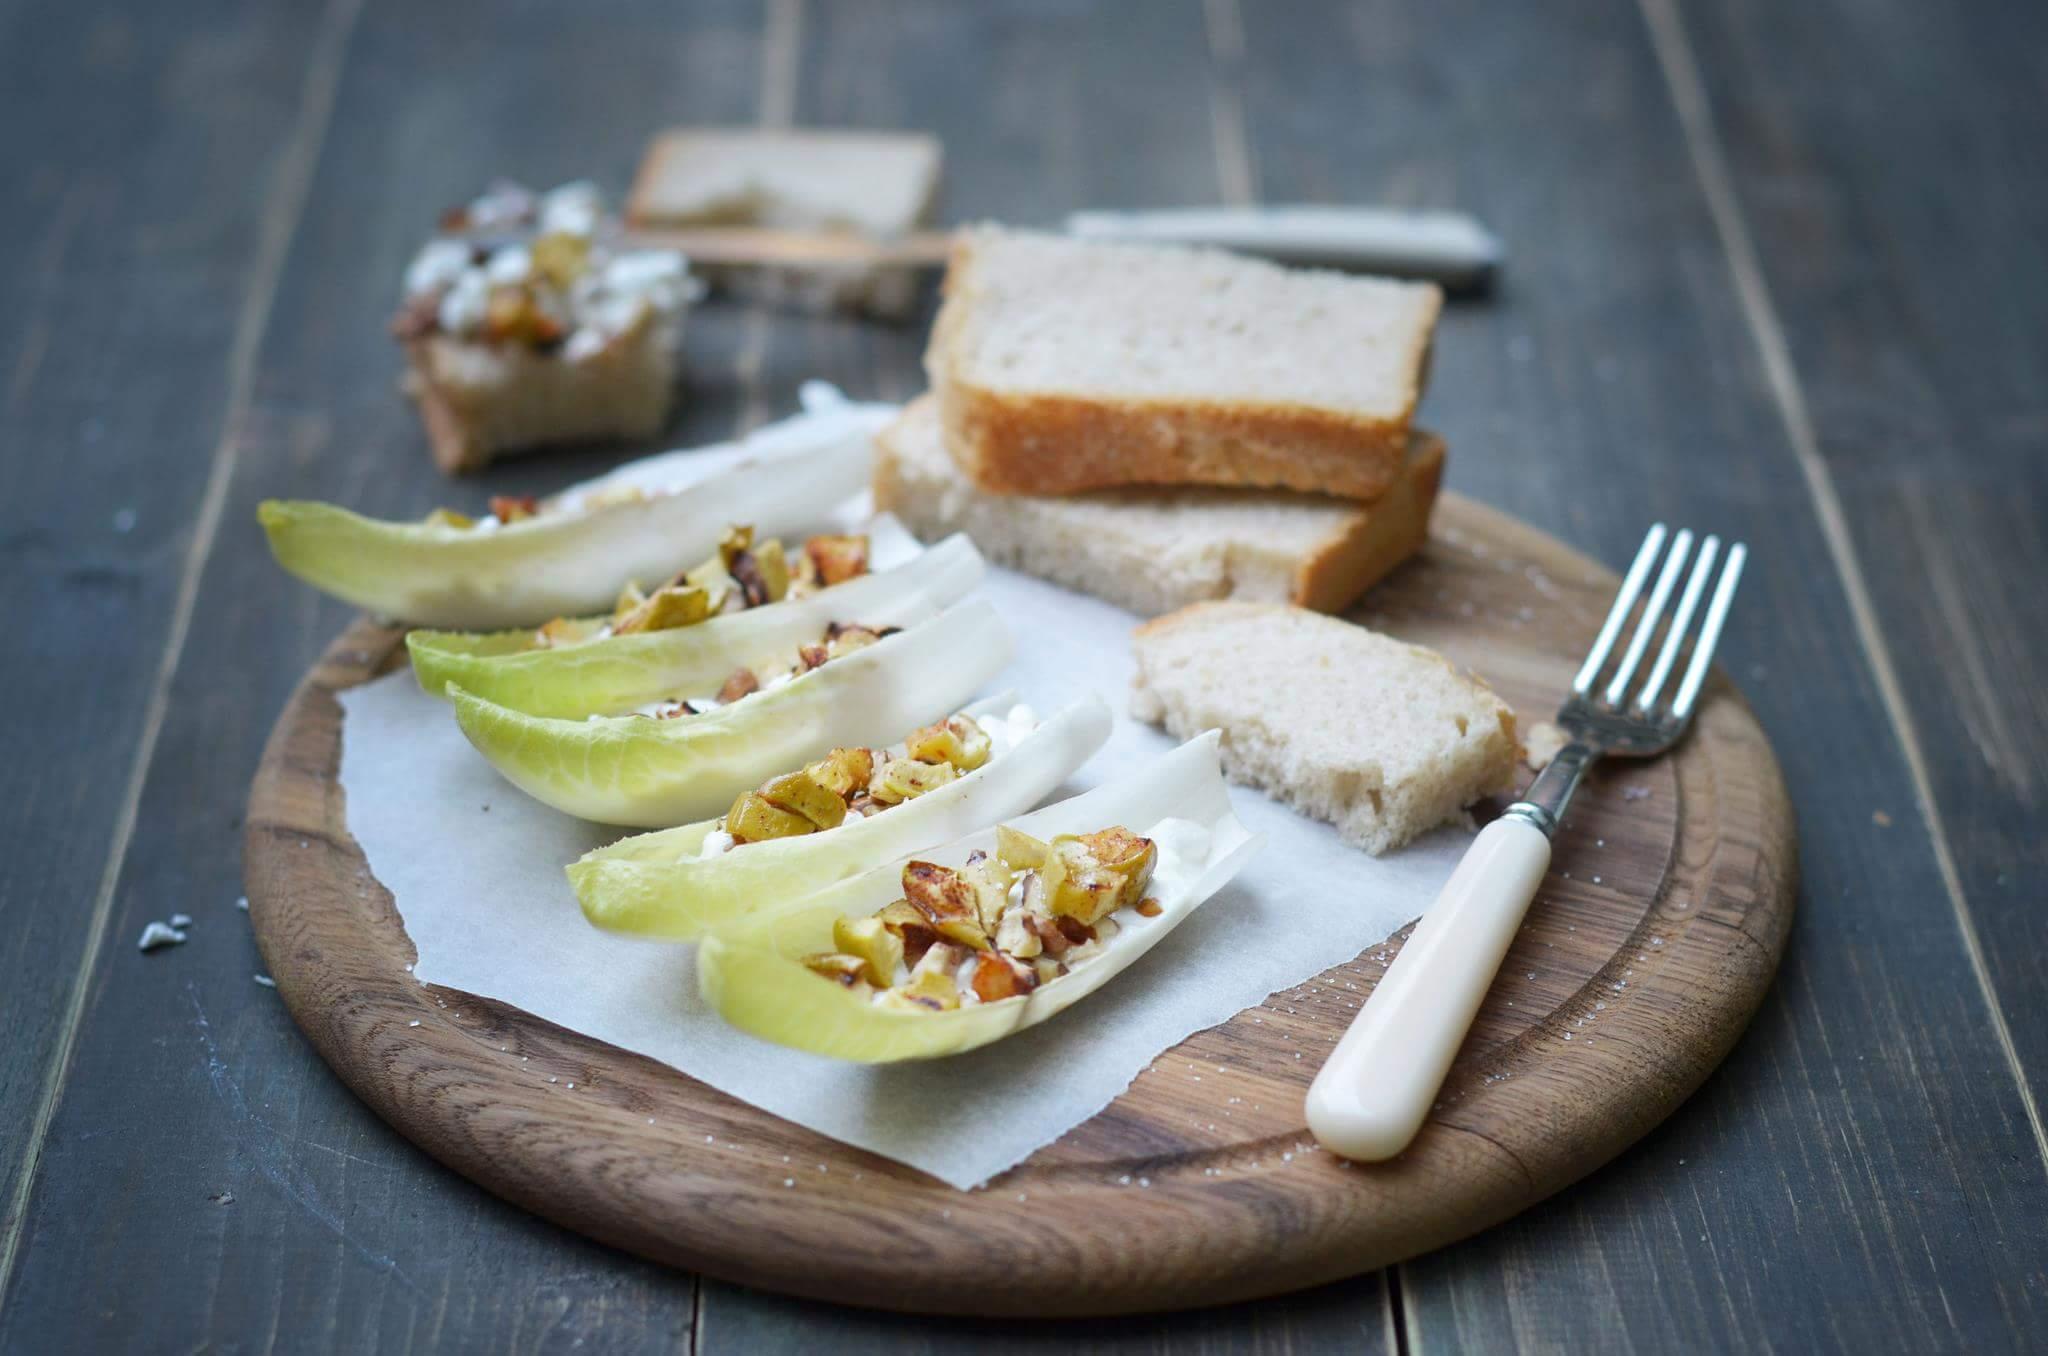 Рецепт Салат из яблока, грецкого ореха и зернистого творога в листьях цикория